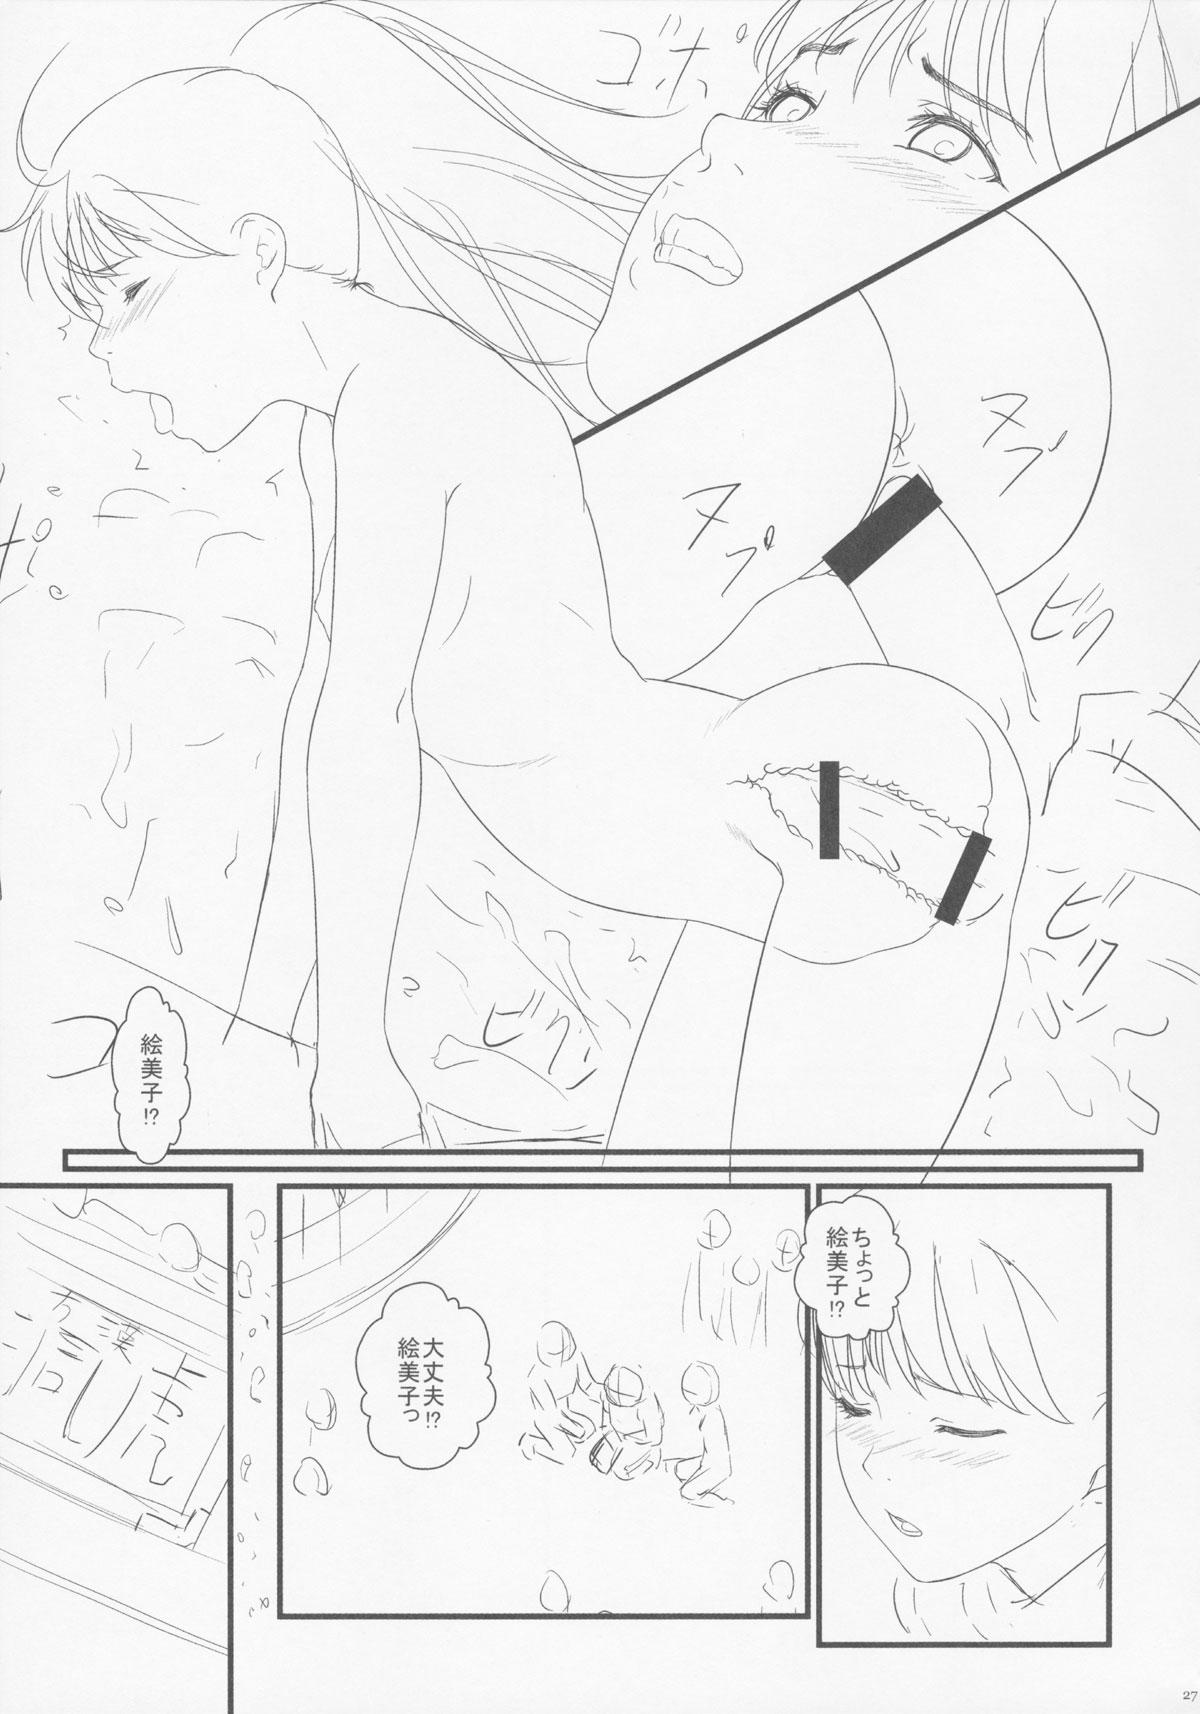 お姉ちゃんの裸みてみたいなぁwぬぎぬぎしようね~wやっダメっ!!あ~ん・・・ママ助けて!!【エロ漫画・エロ同人】 (26)